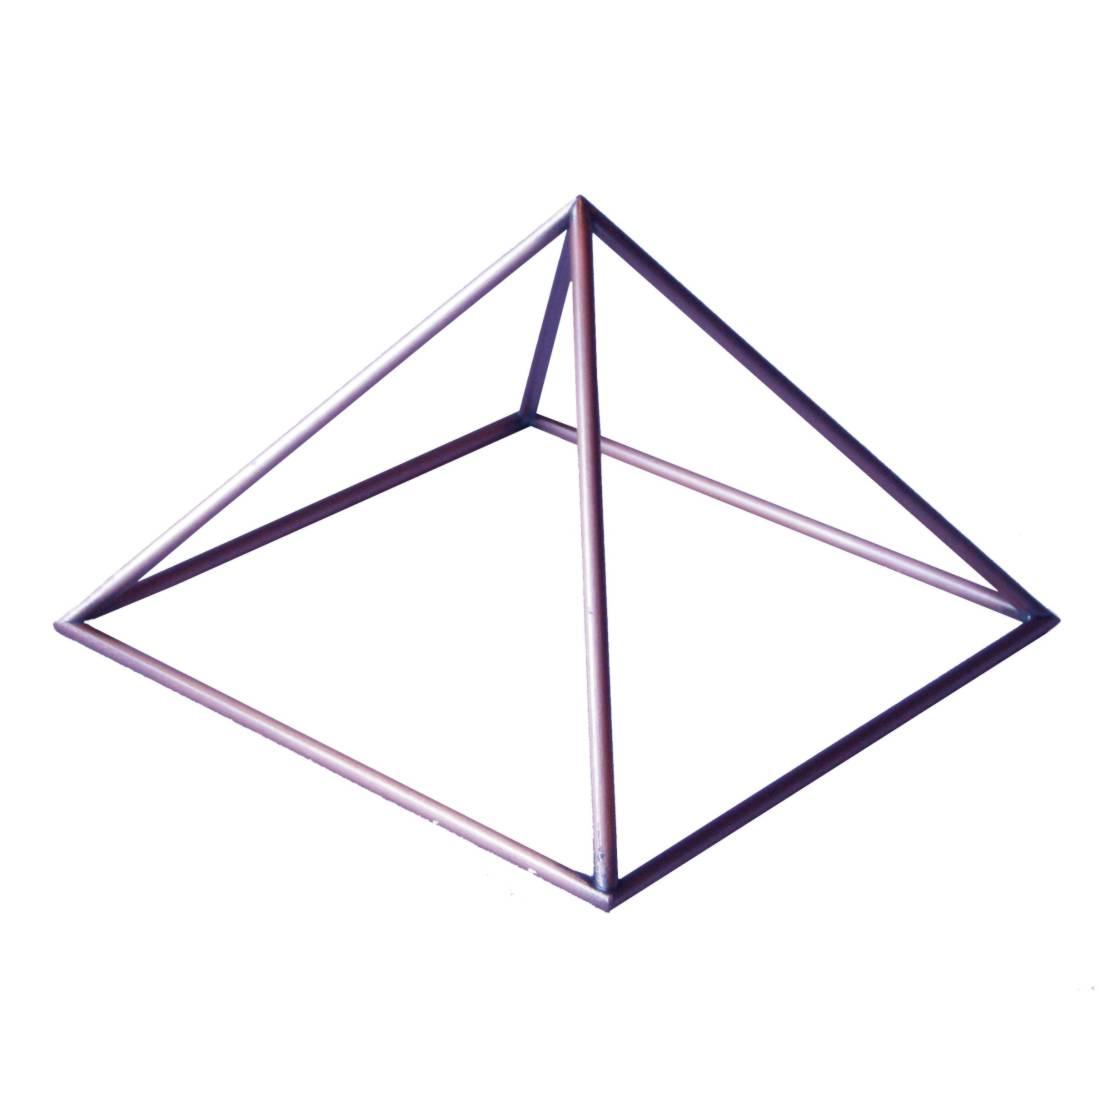 Pirâmide cobre 13 cm  - Zots - Leila Cabanas Azevedo